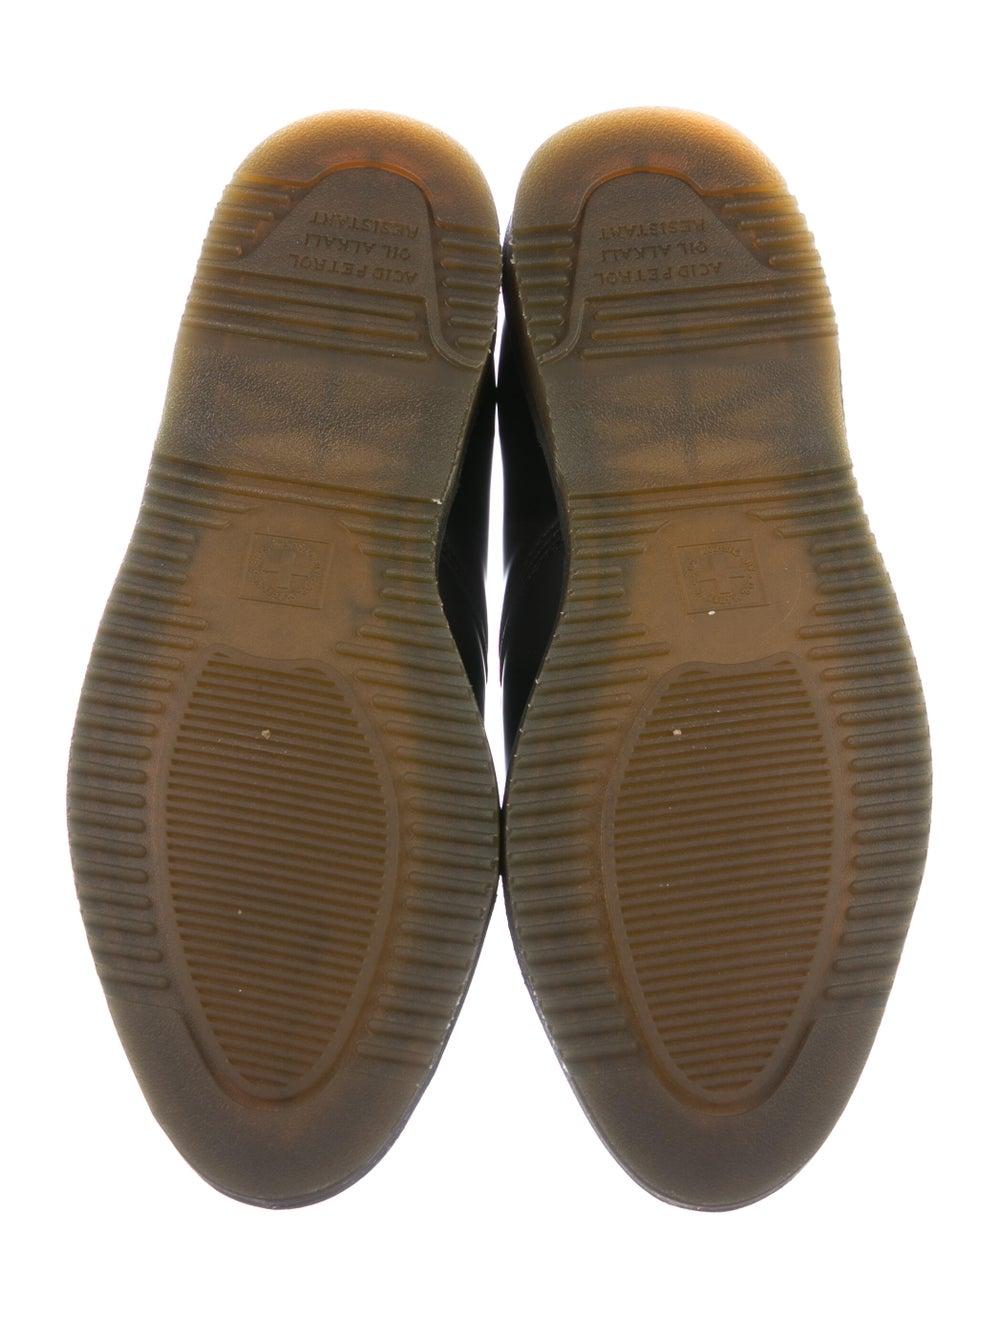 Dr. Martens Willis Derby Shoes black - image 5